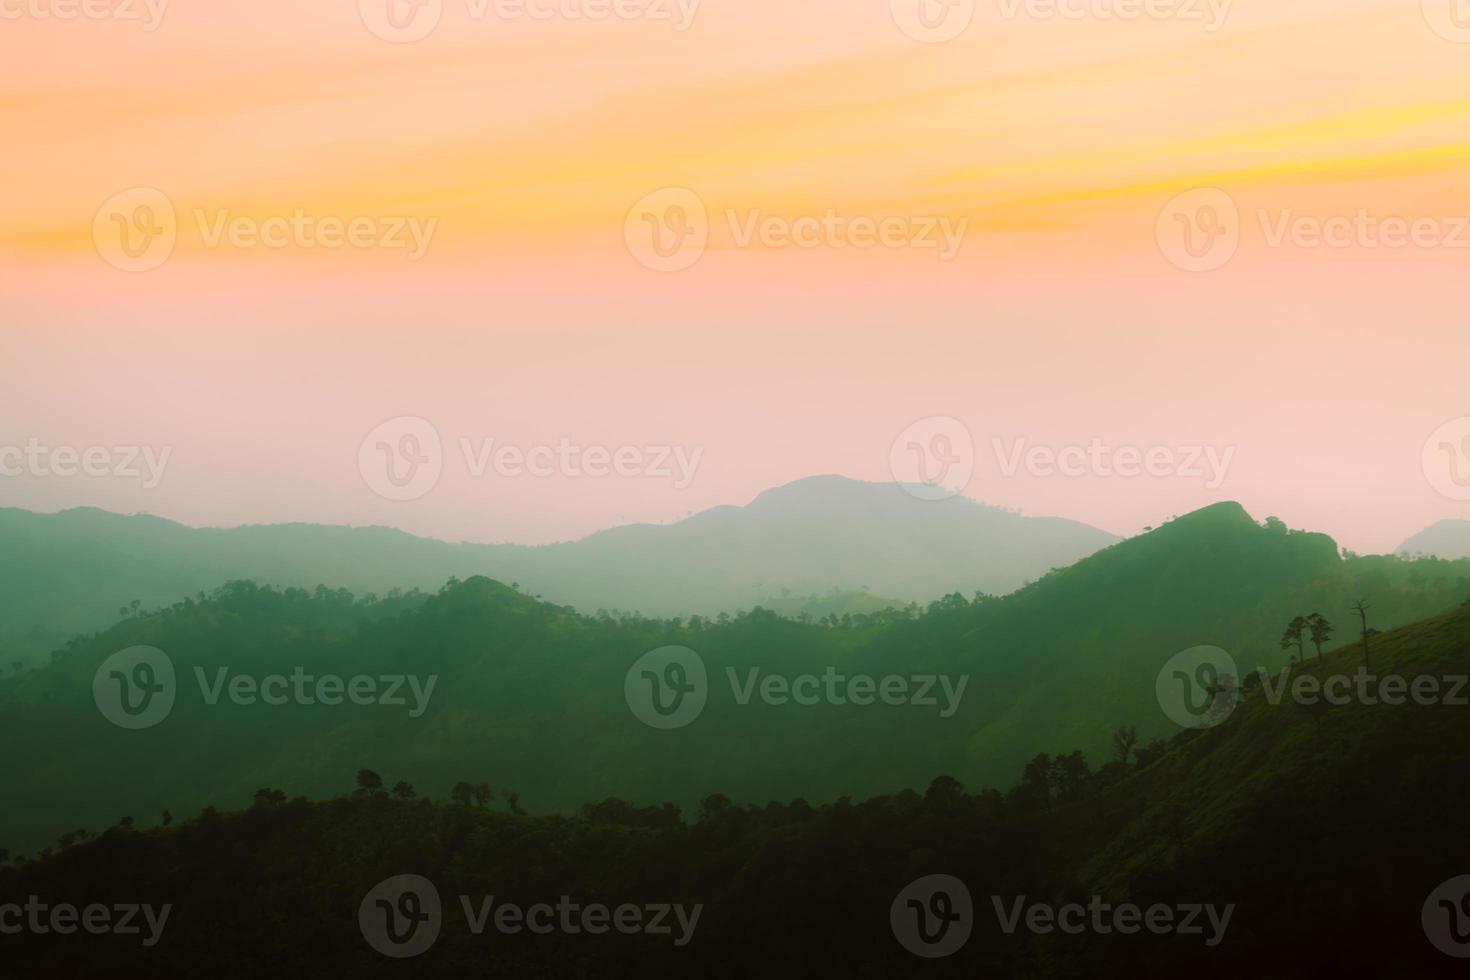 coucher de soleil montagne et couche, concept rétro vintage photo